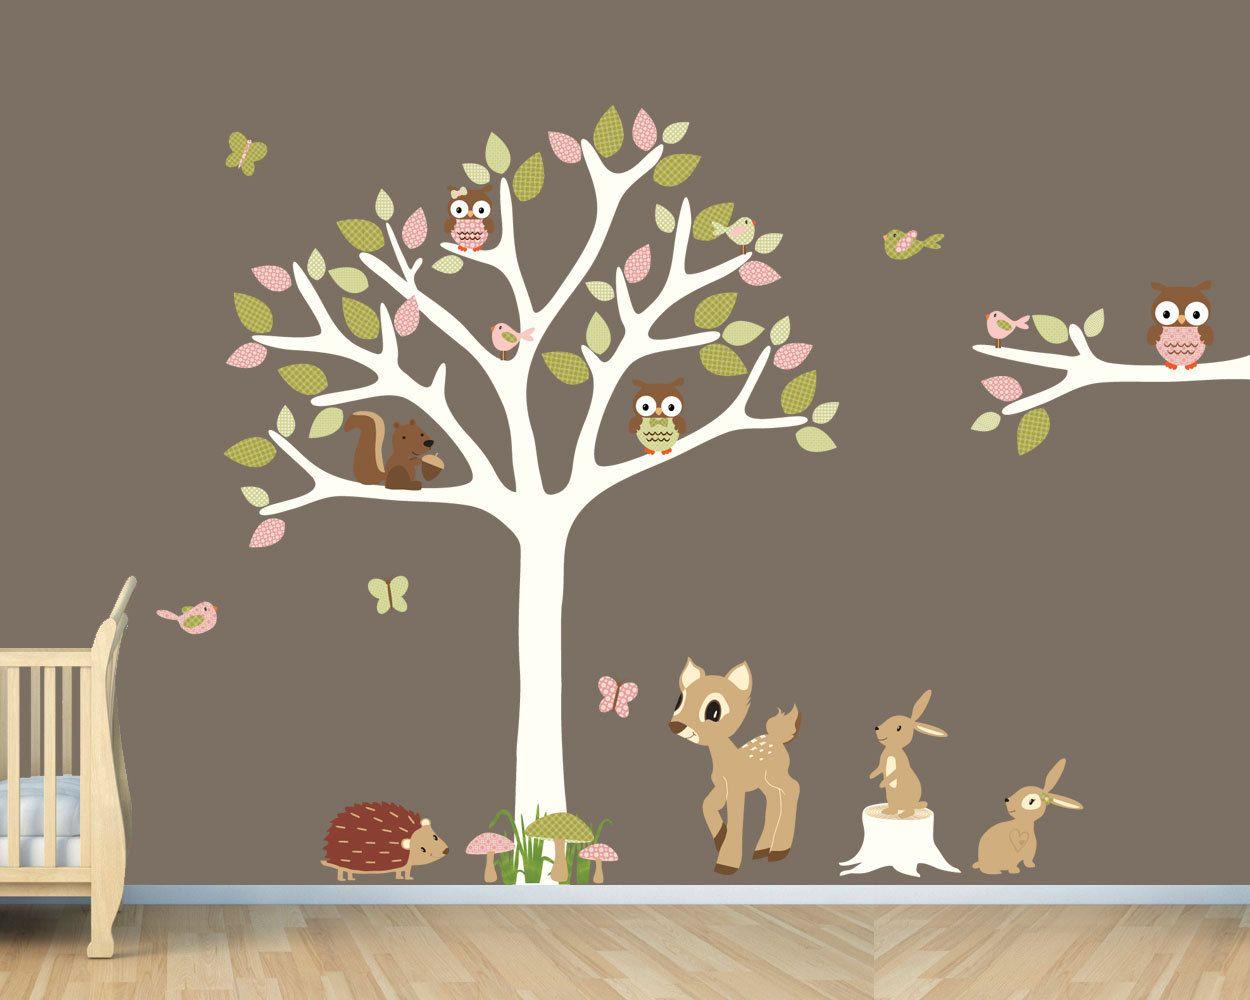 Owl Tree Forest Animals Woodland Nursery Wall Decal Hedgehog Squirrel Friendship Falls 128 00 Via Etsy